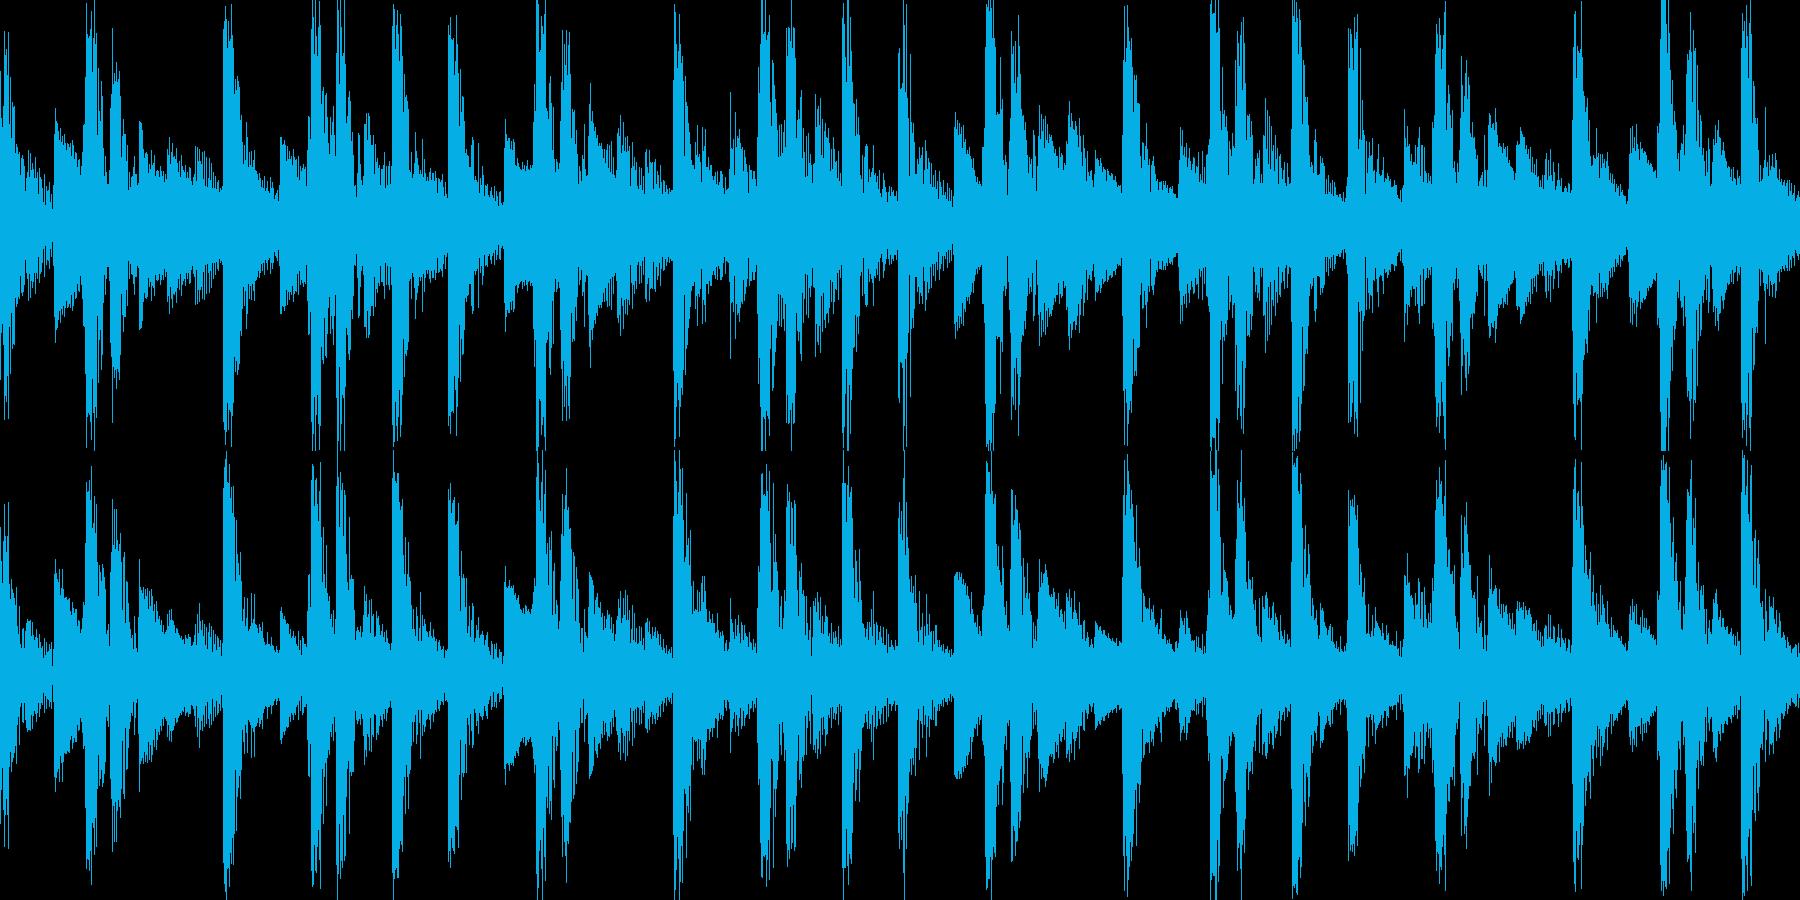 リザルト音01(ループ仕様)の再生済みの波形